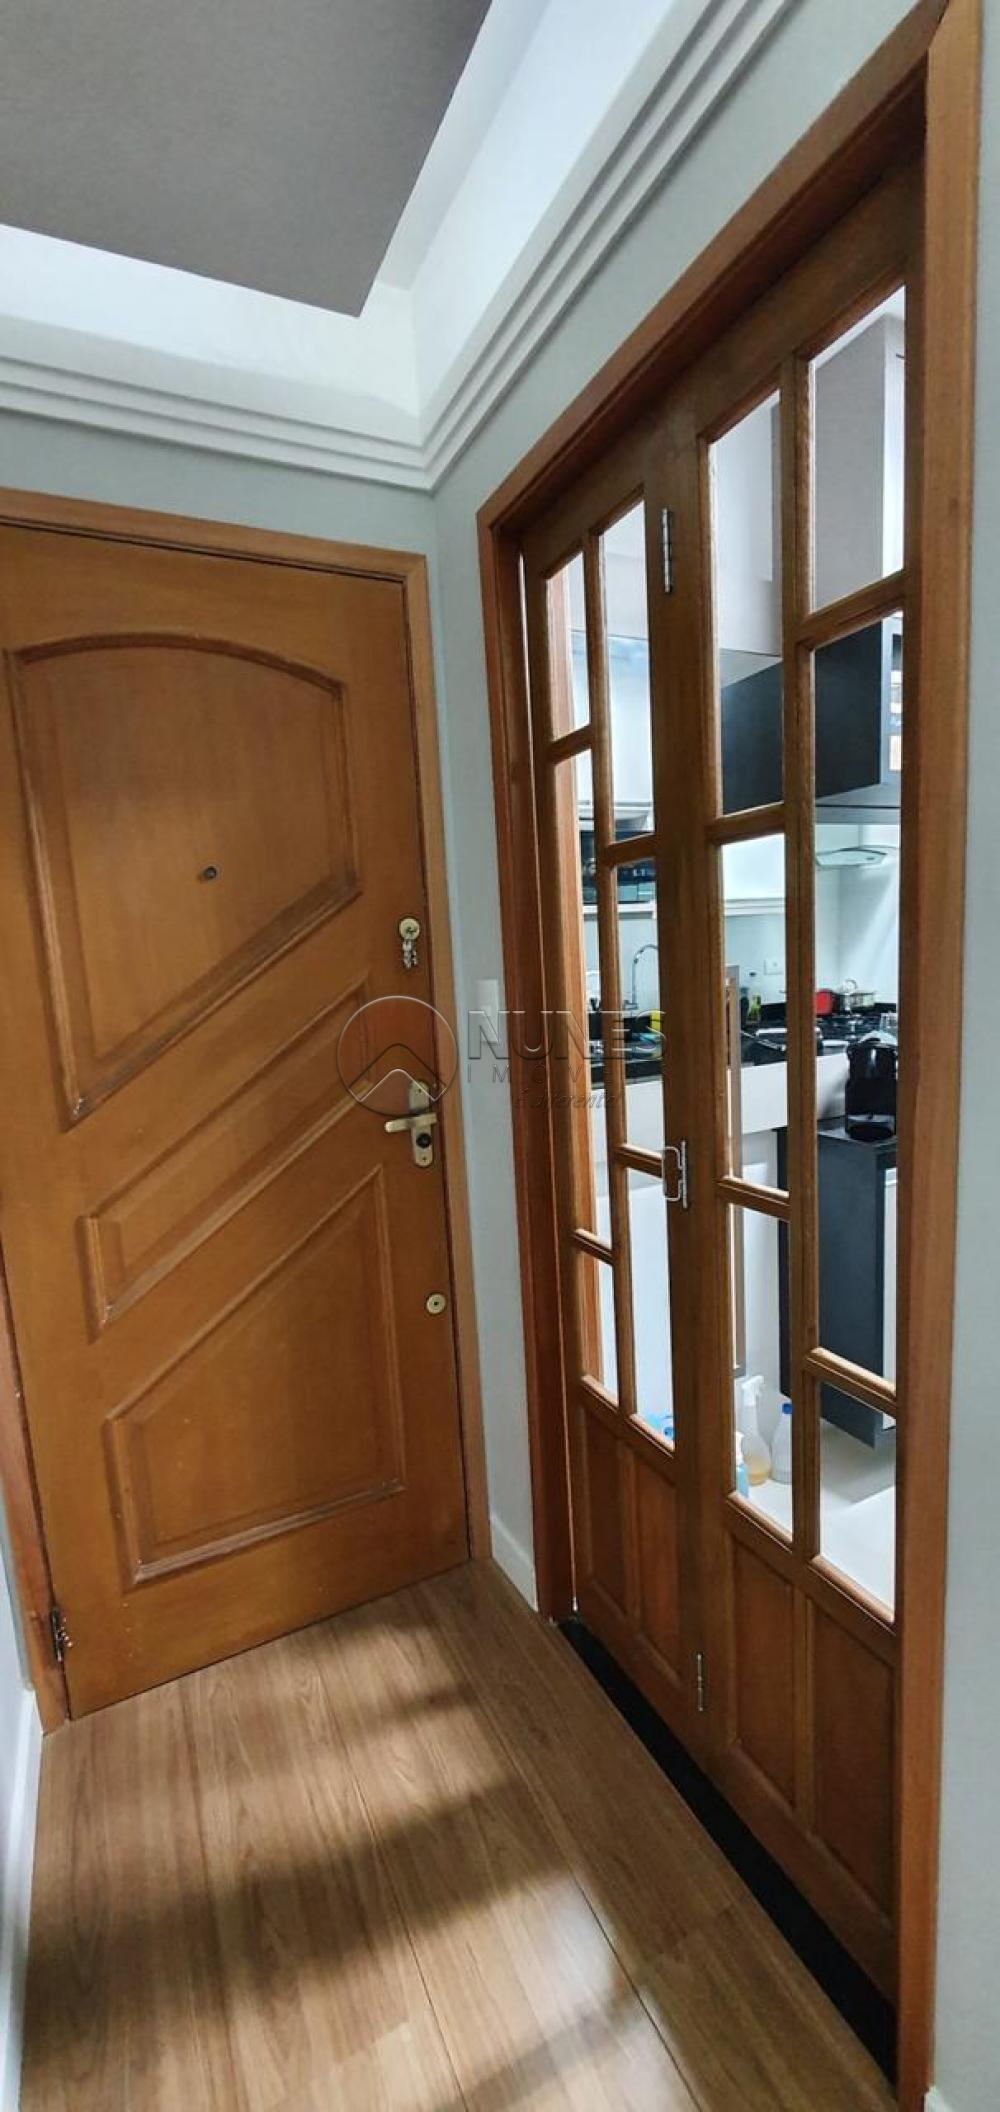 Comprar Apartamento / Padrão em São Paulo apenas R$ 405.000,00 - Foto 1